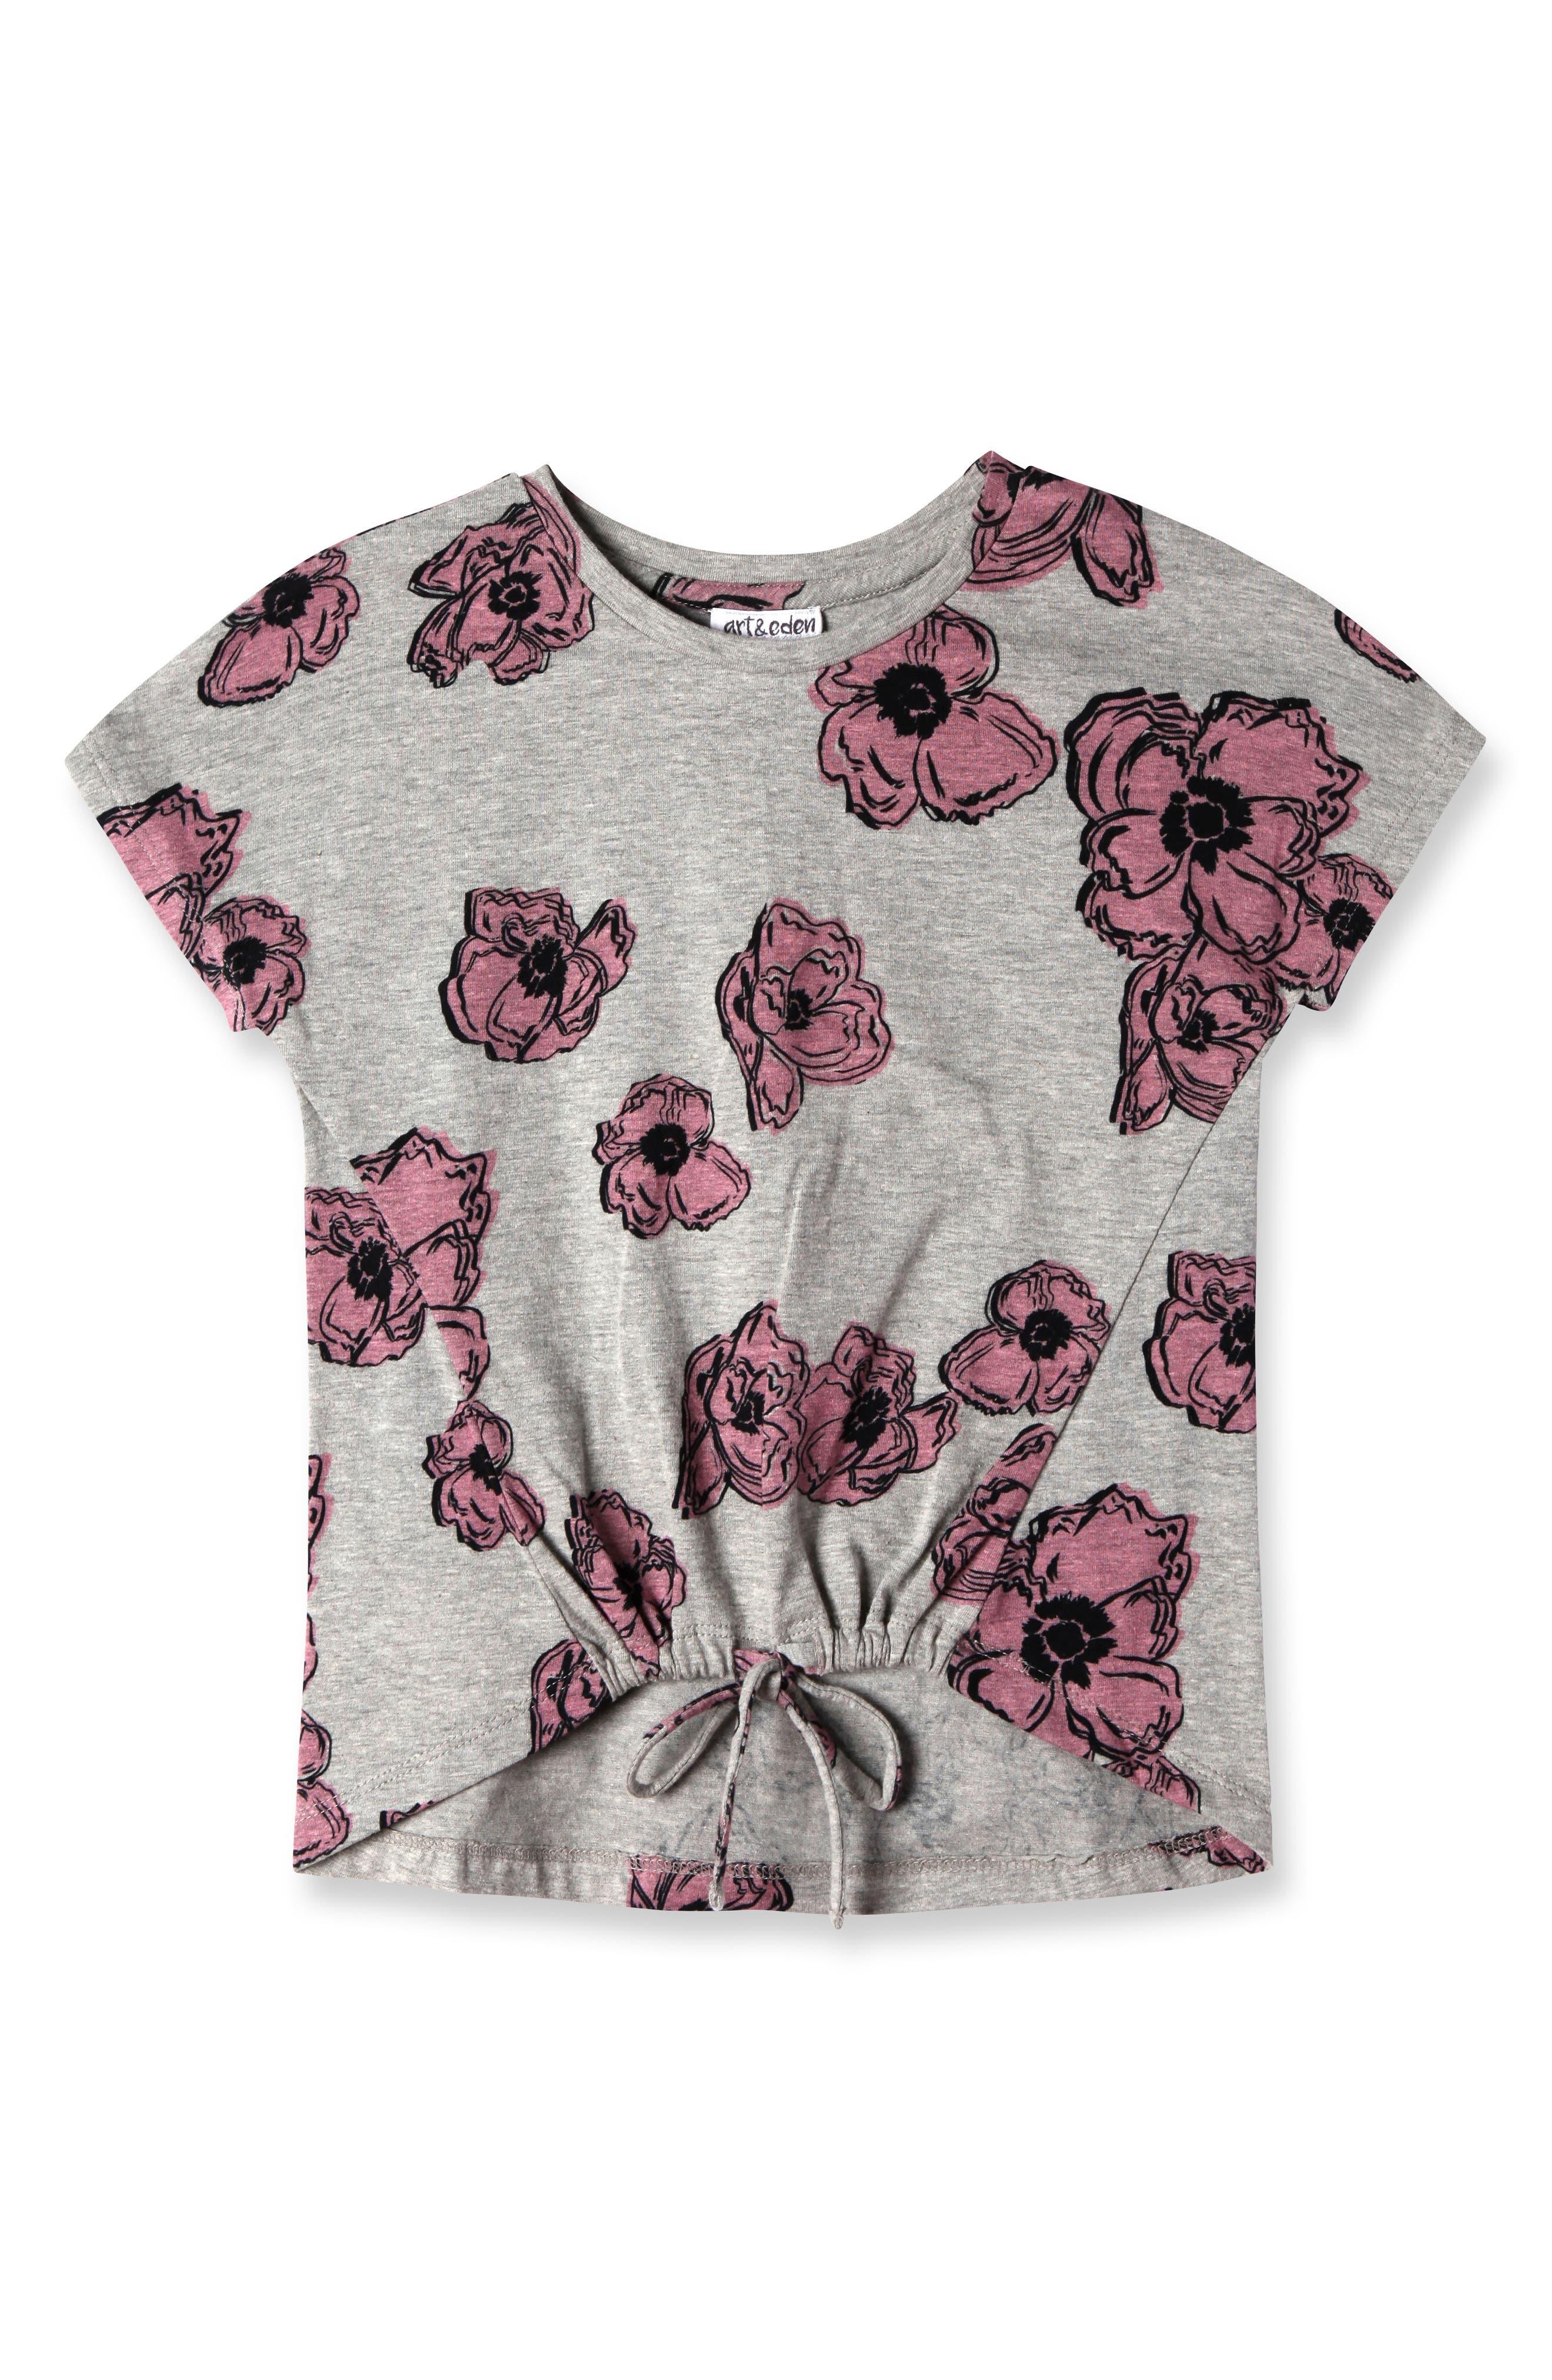 Alternate Image 1 Selected - Art & Eden Emily Pink Poppies Shirt (Toddler Girls & Little Girls)